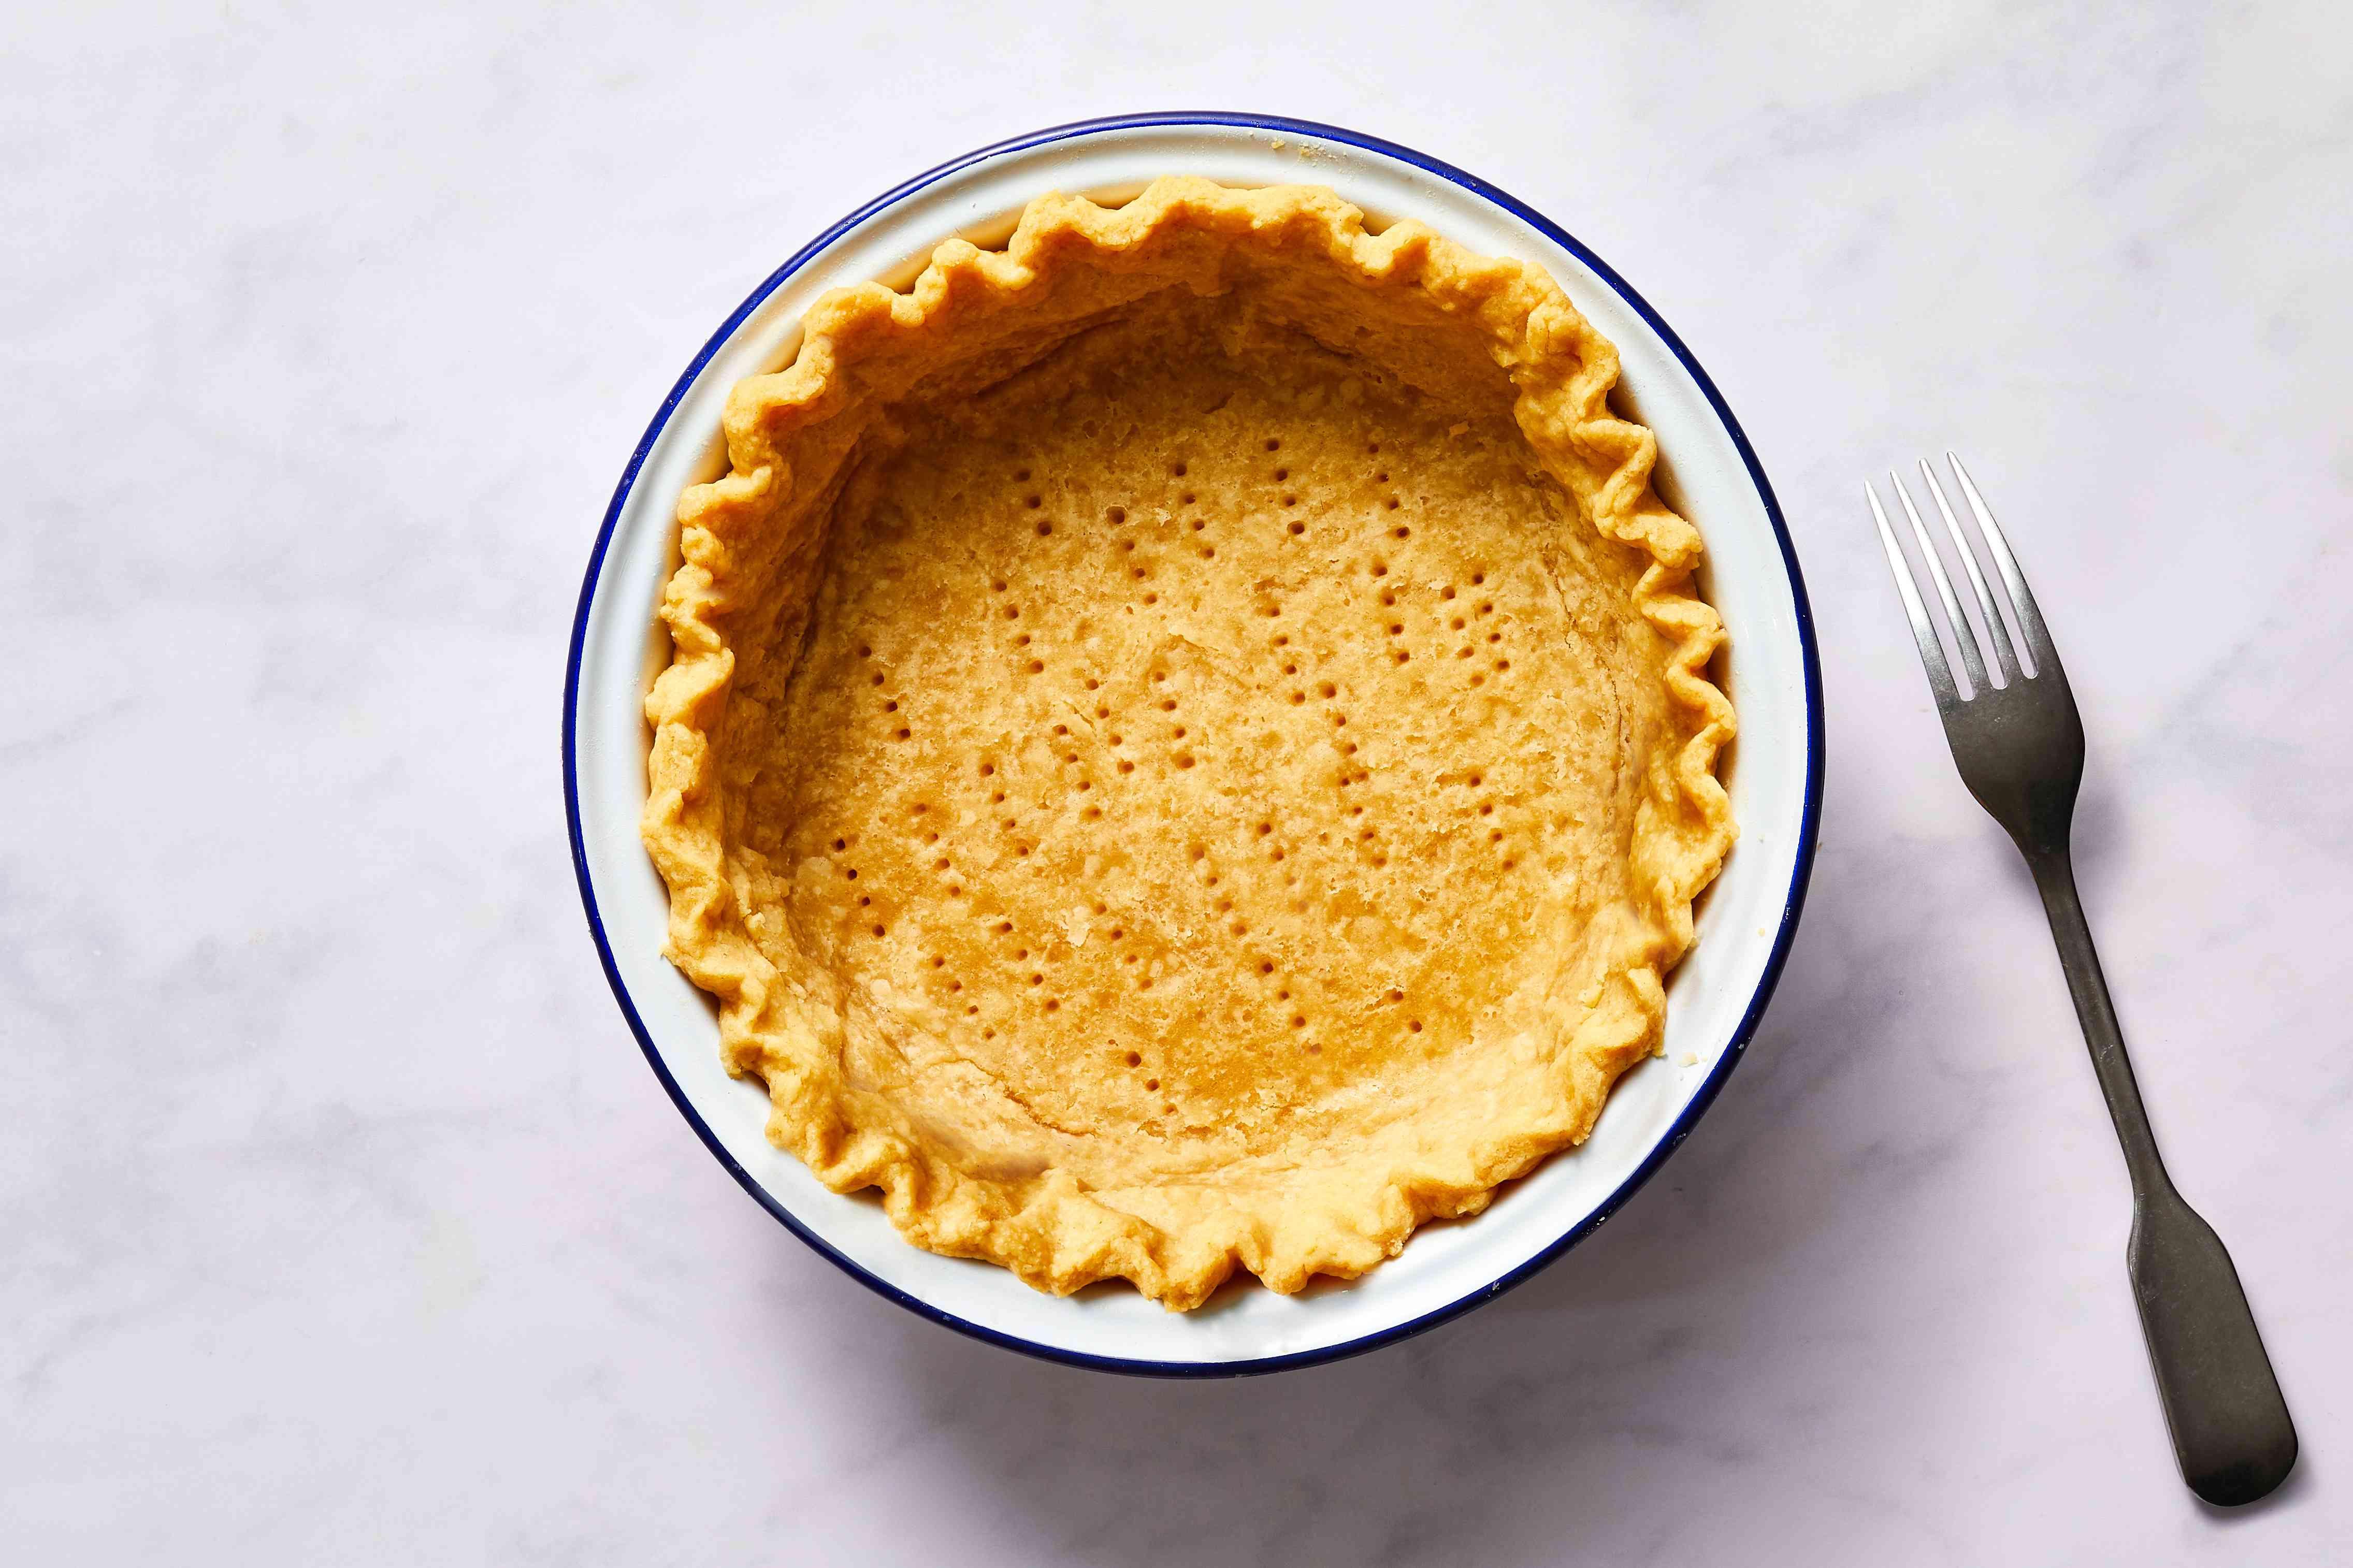 Easy Hot Water Pie Crust, pricked pie crust